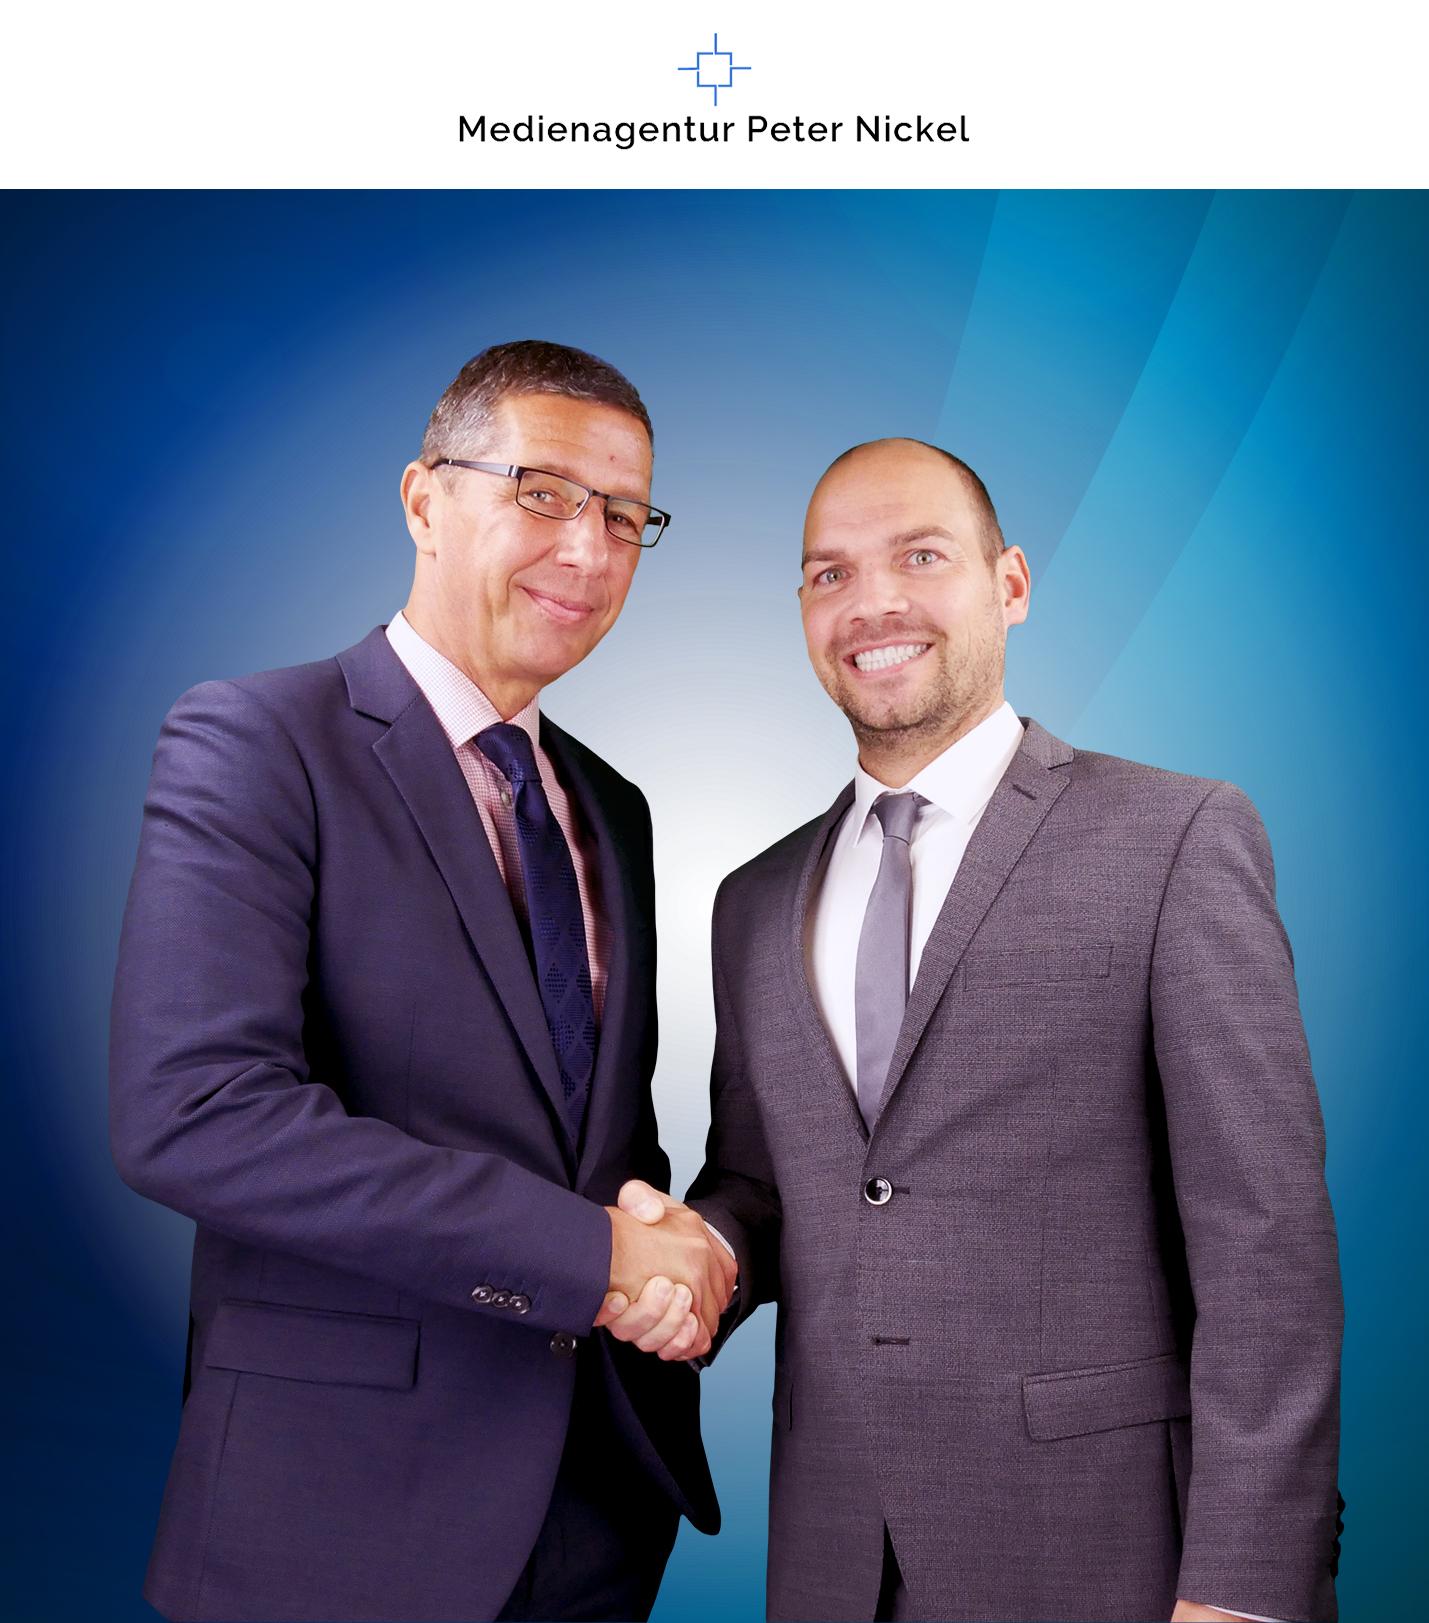 Generationswechsel Medienagentur Peter Nickel